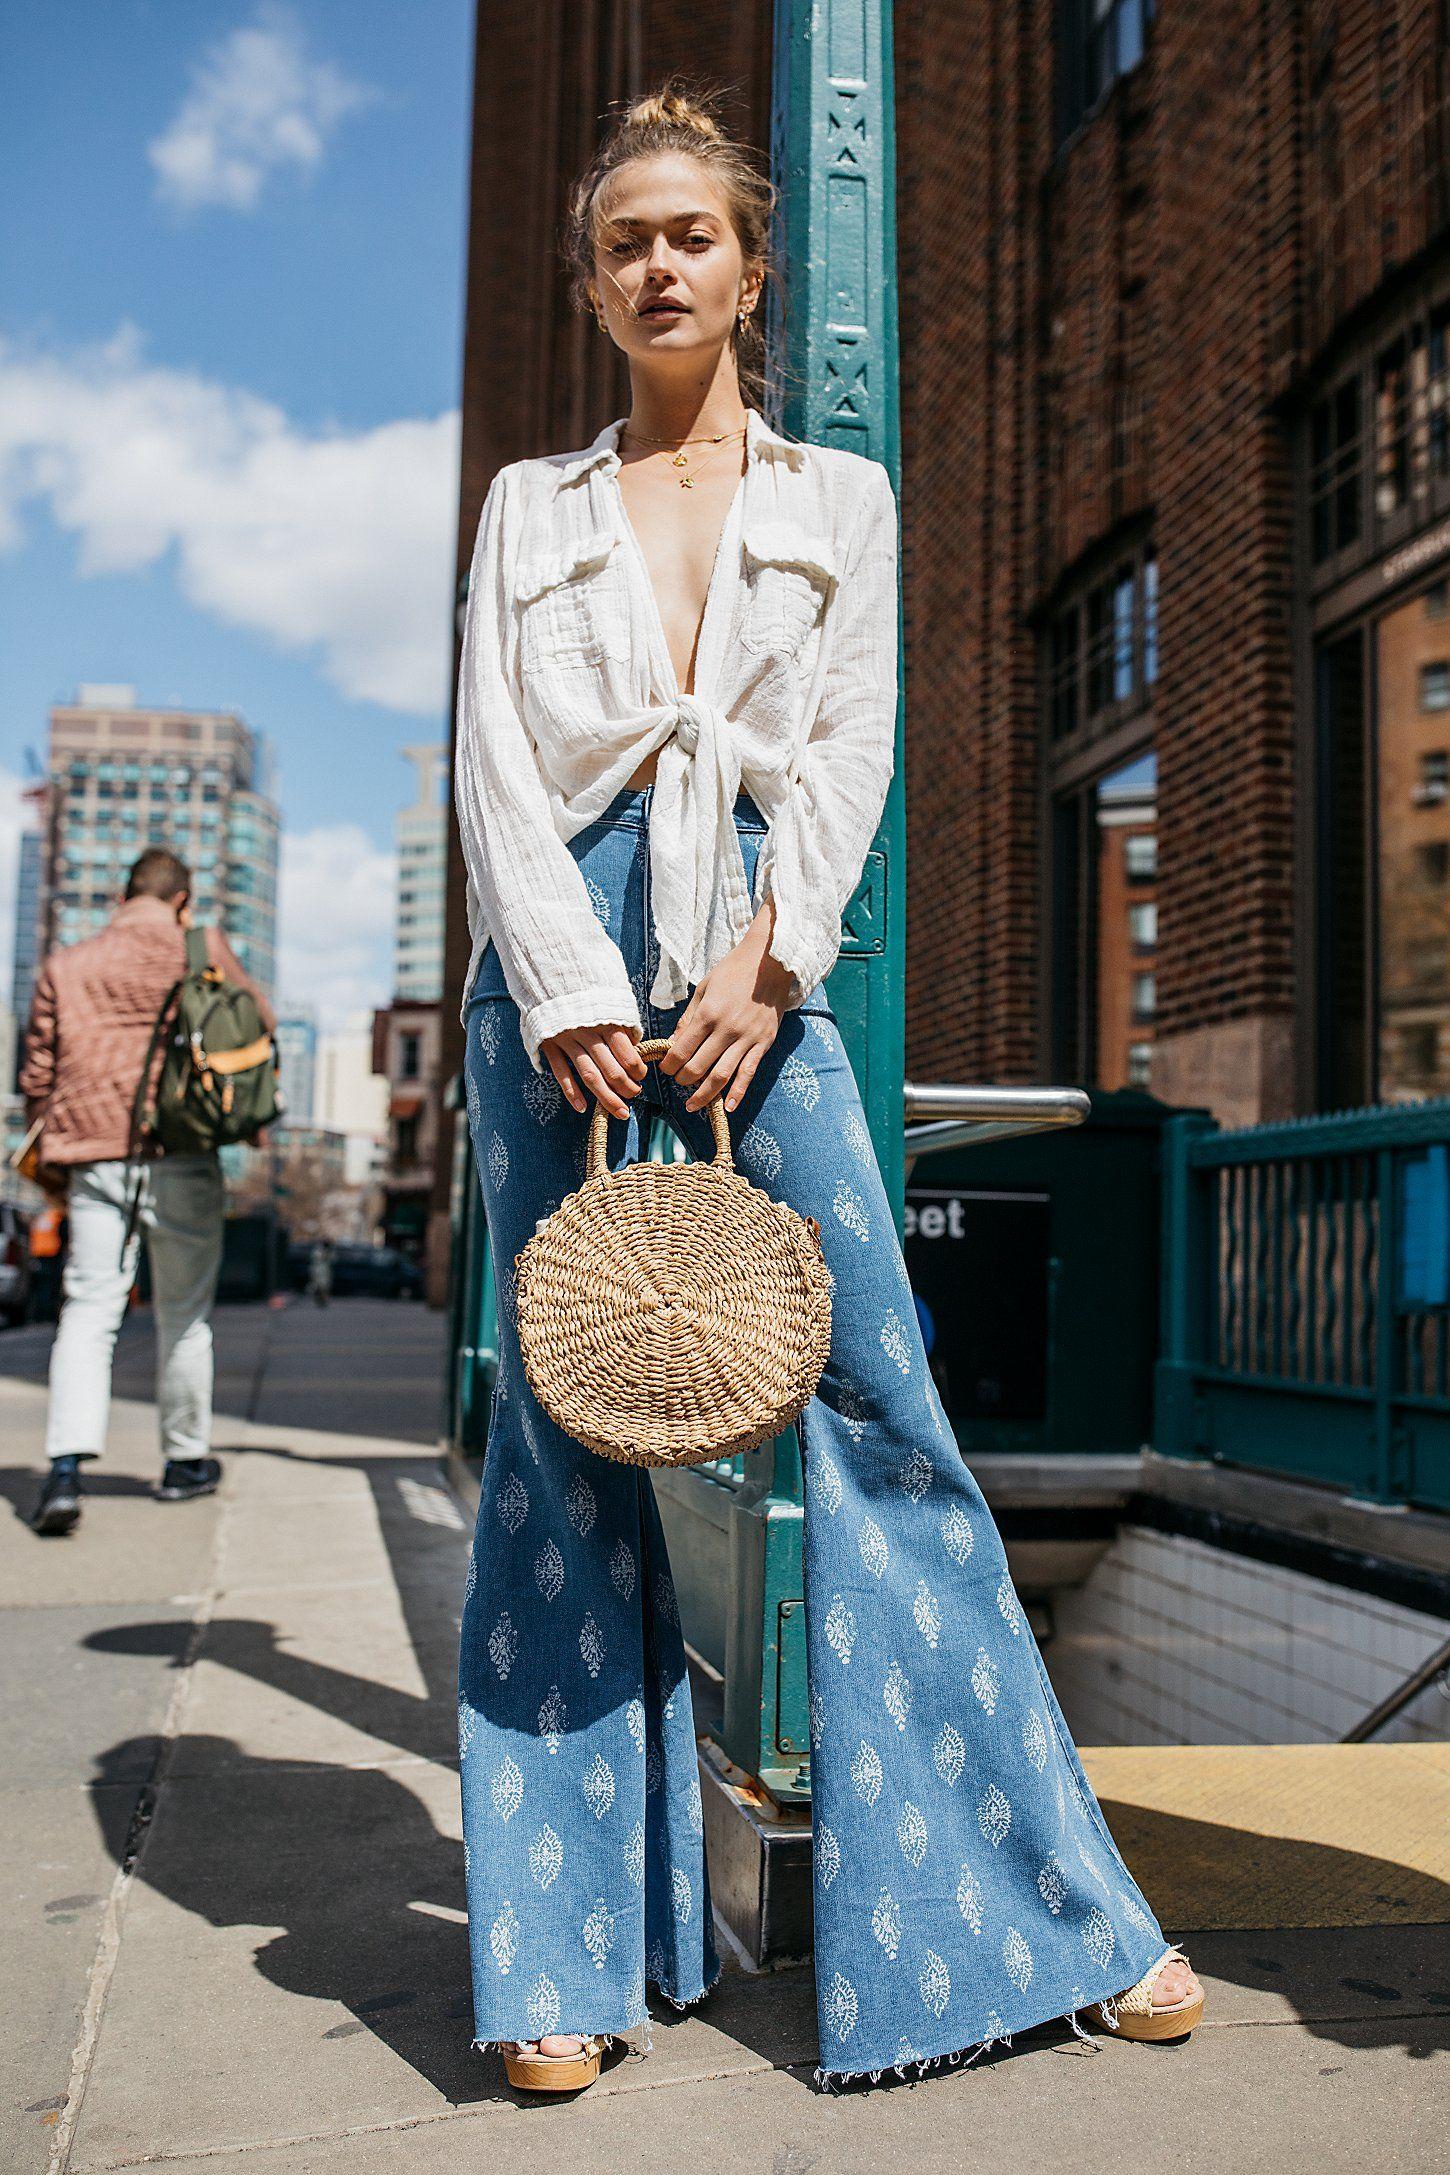 áo sơmi trắng buột vạt và quần jeans ống loe xanh